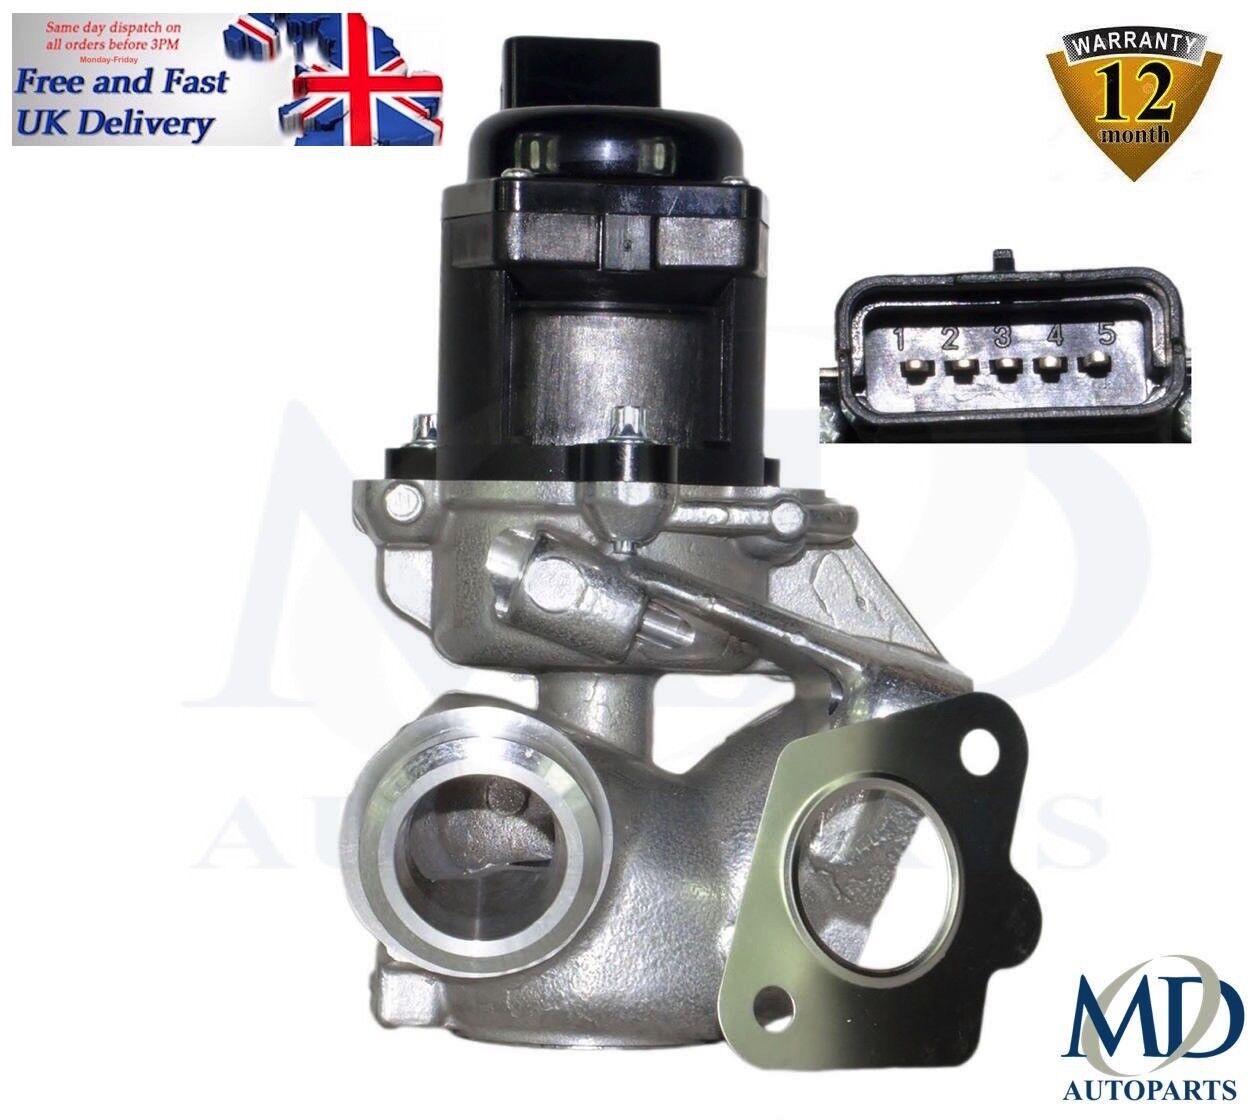 Peugeot 1007 206 207 308 307 407 1.6 Hdi Diesel 2005-12 Brandneue Agr-Ventil